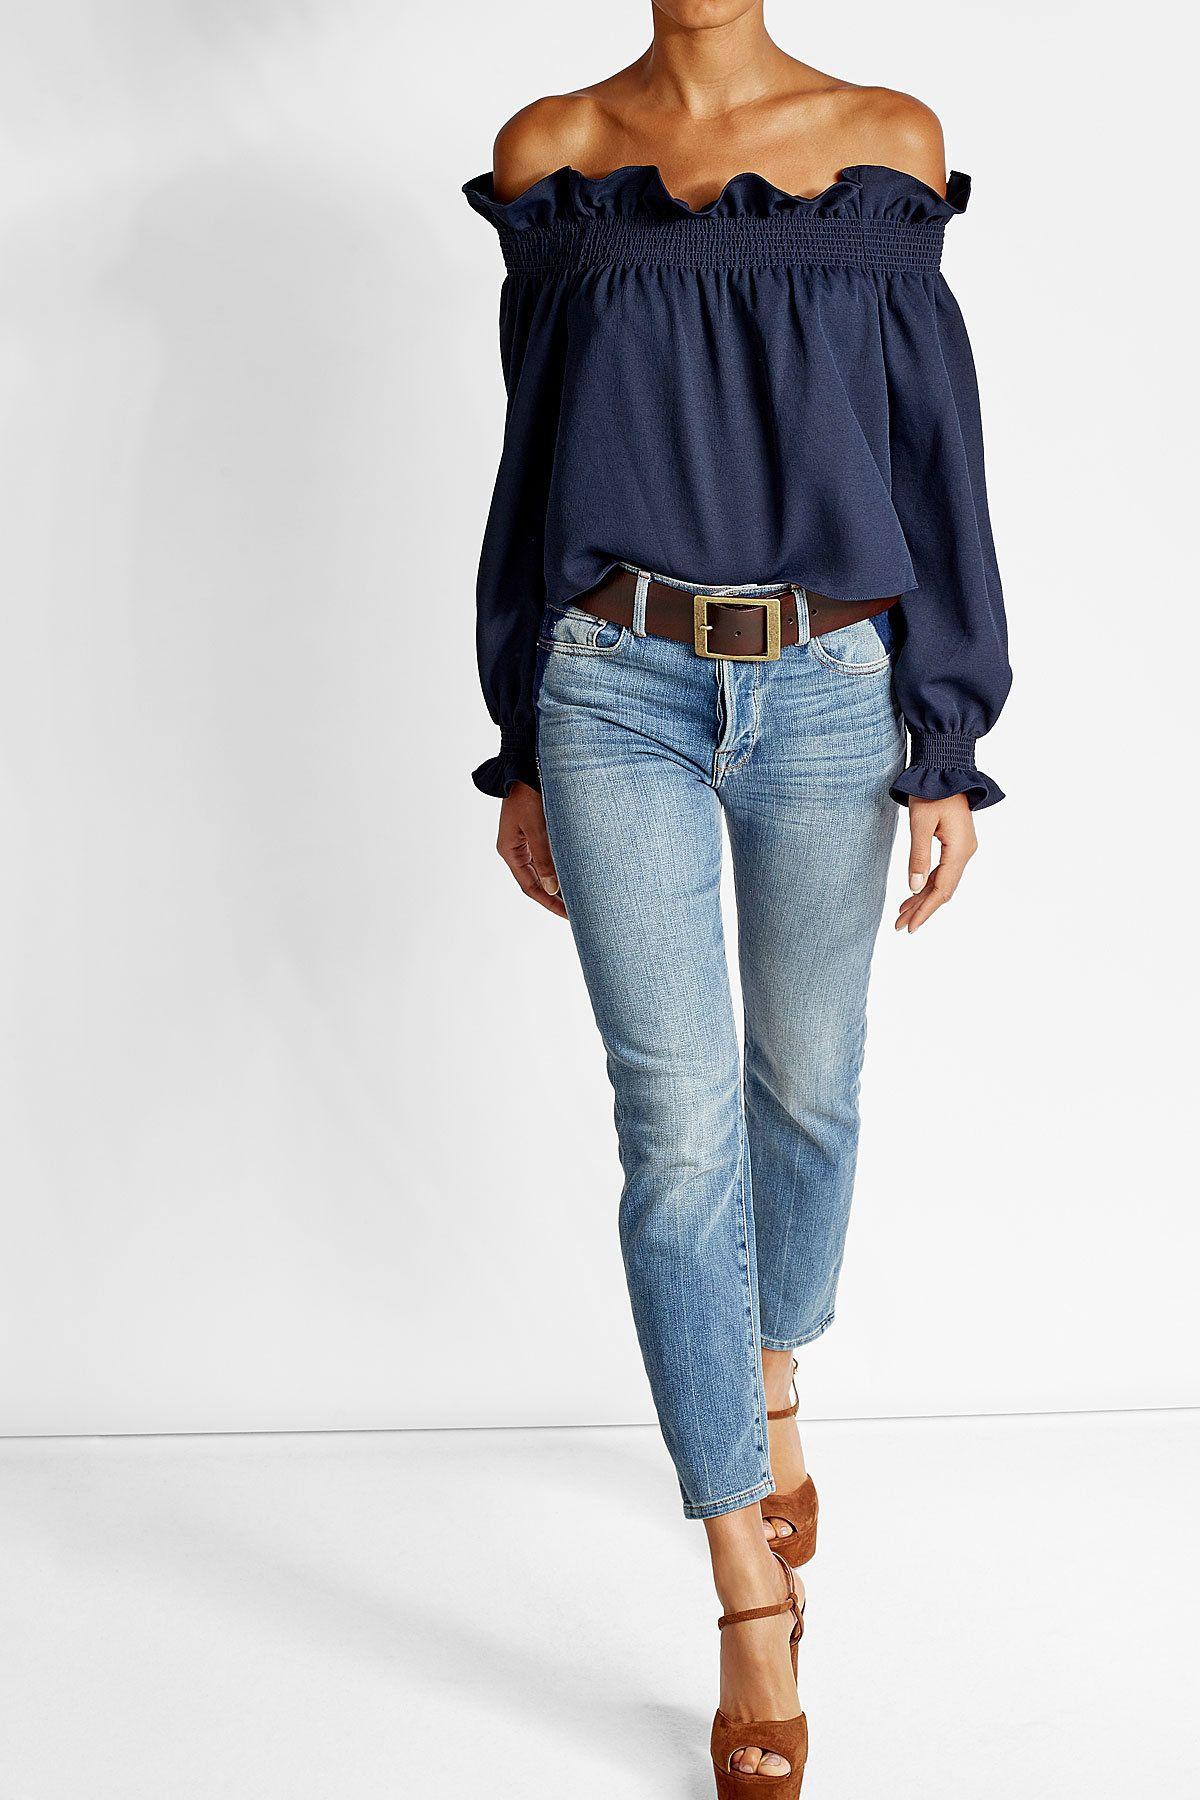 Resultado de imagen para jeans cinturon  7167d51f7508